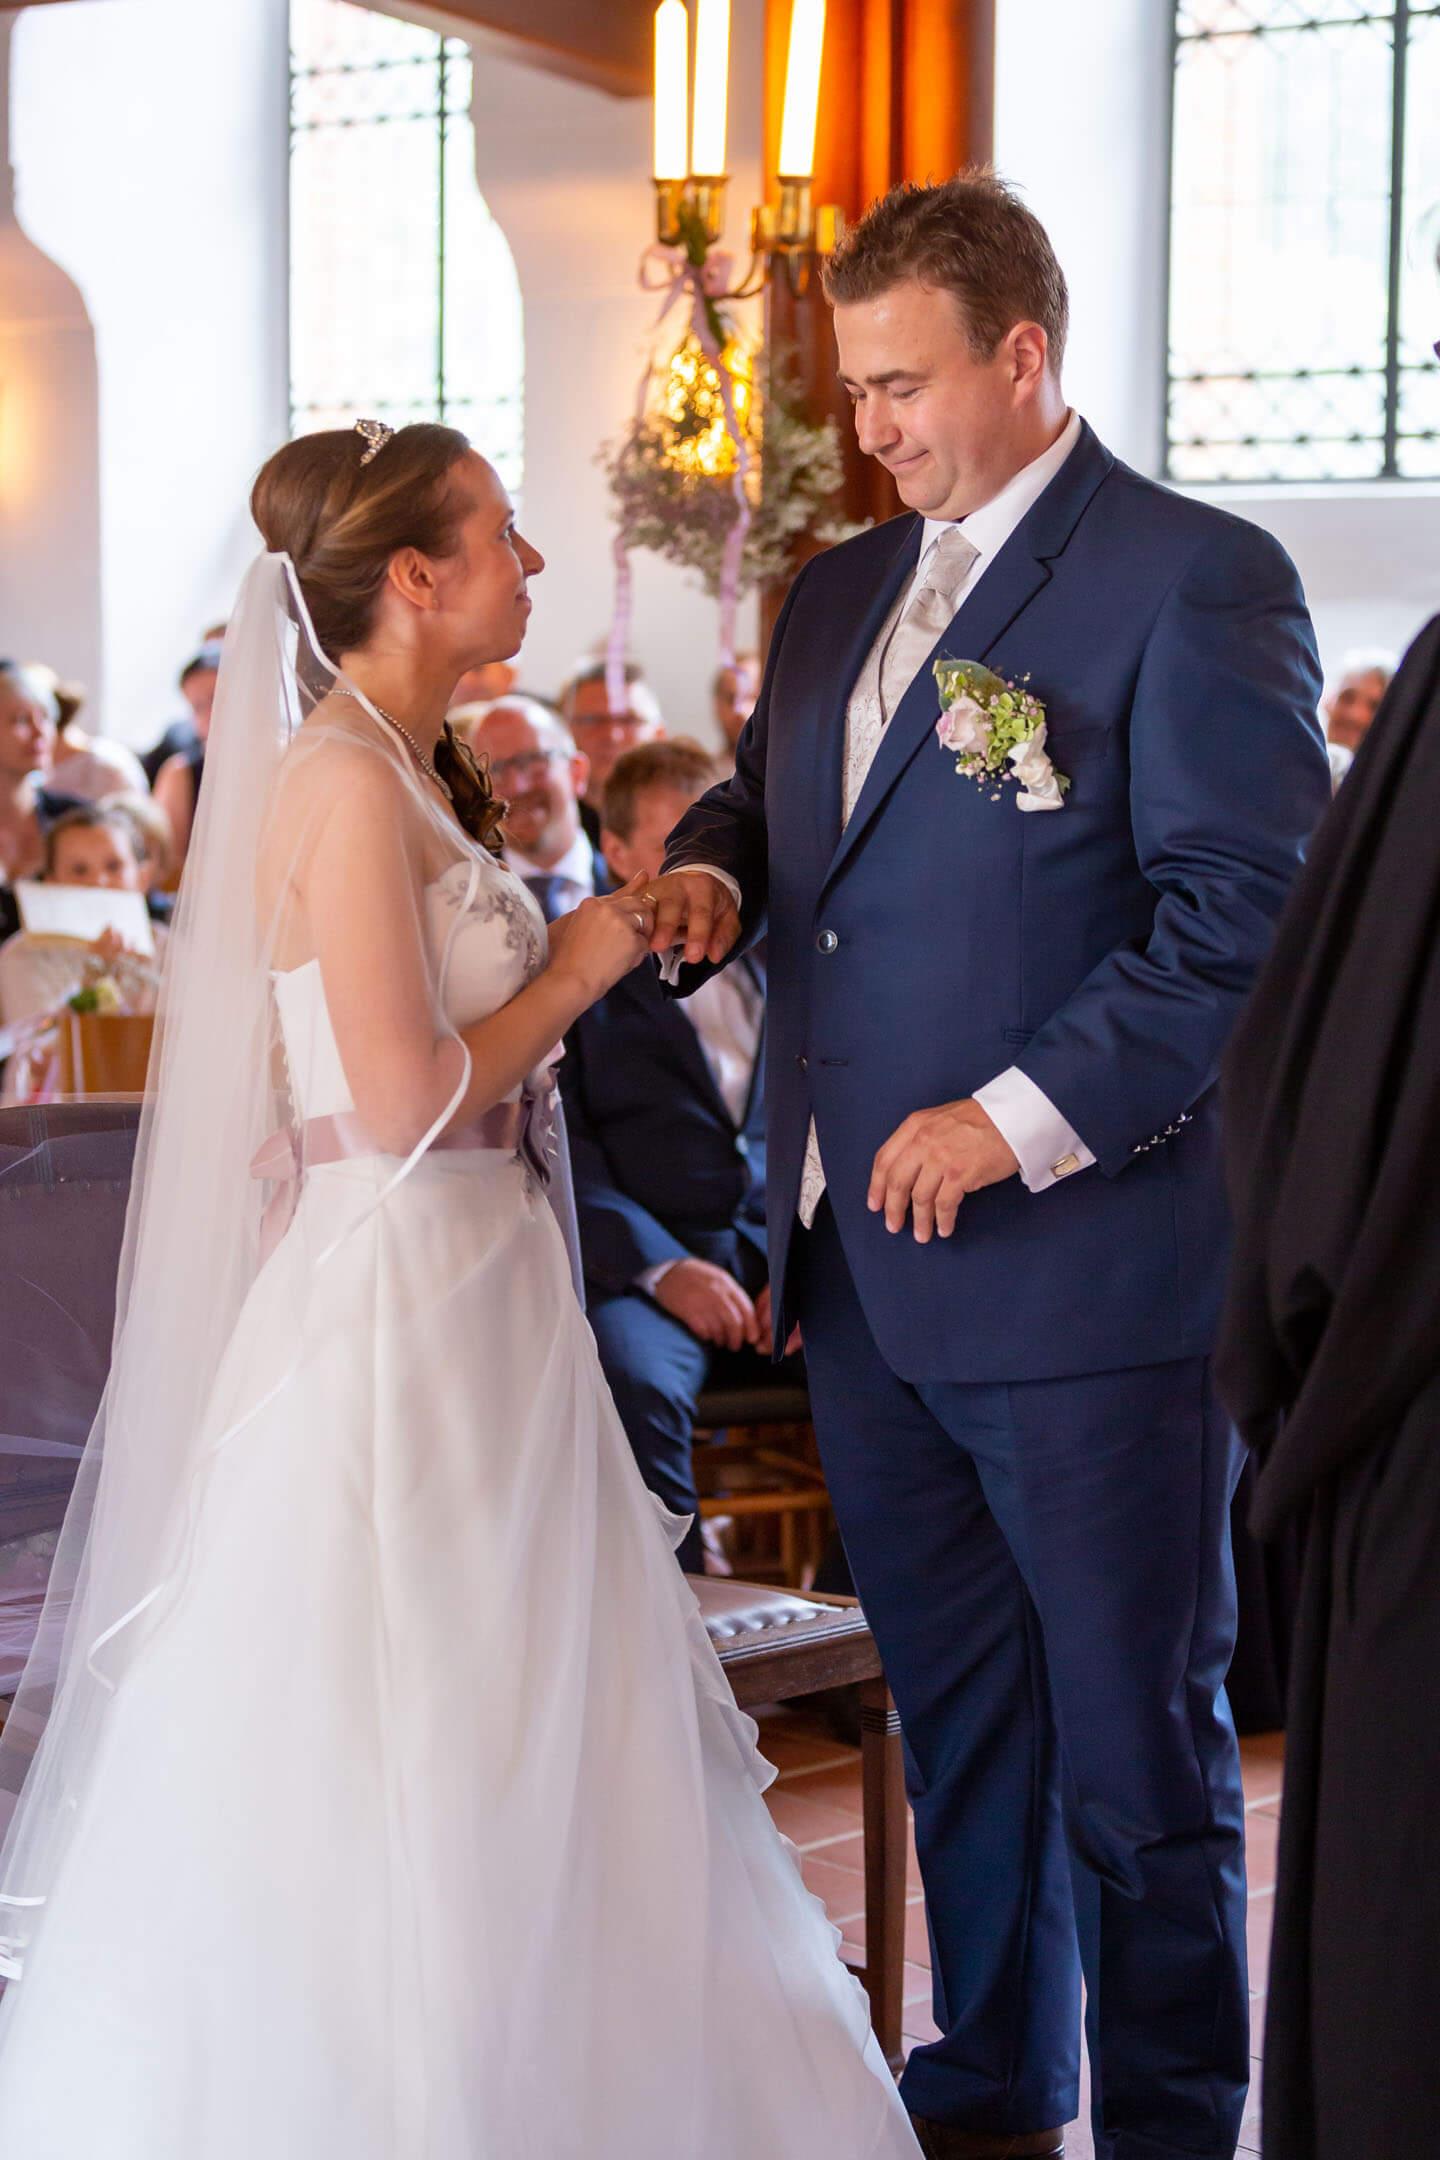 Den Ringtausch darf man in einer Hochzeitsreportage nicht verpassen. Hier hat es geklappt.